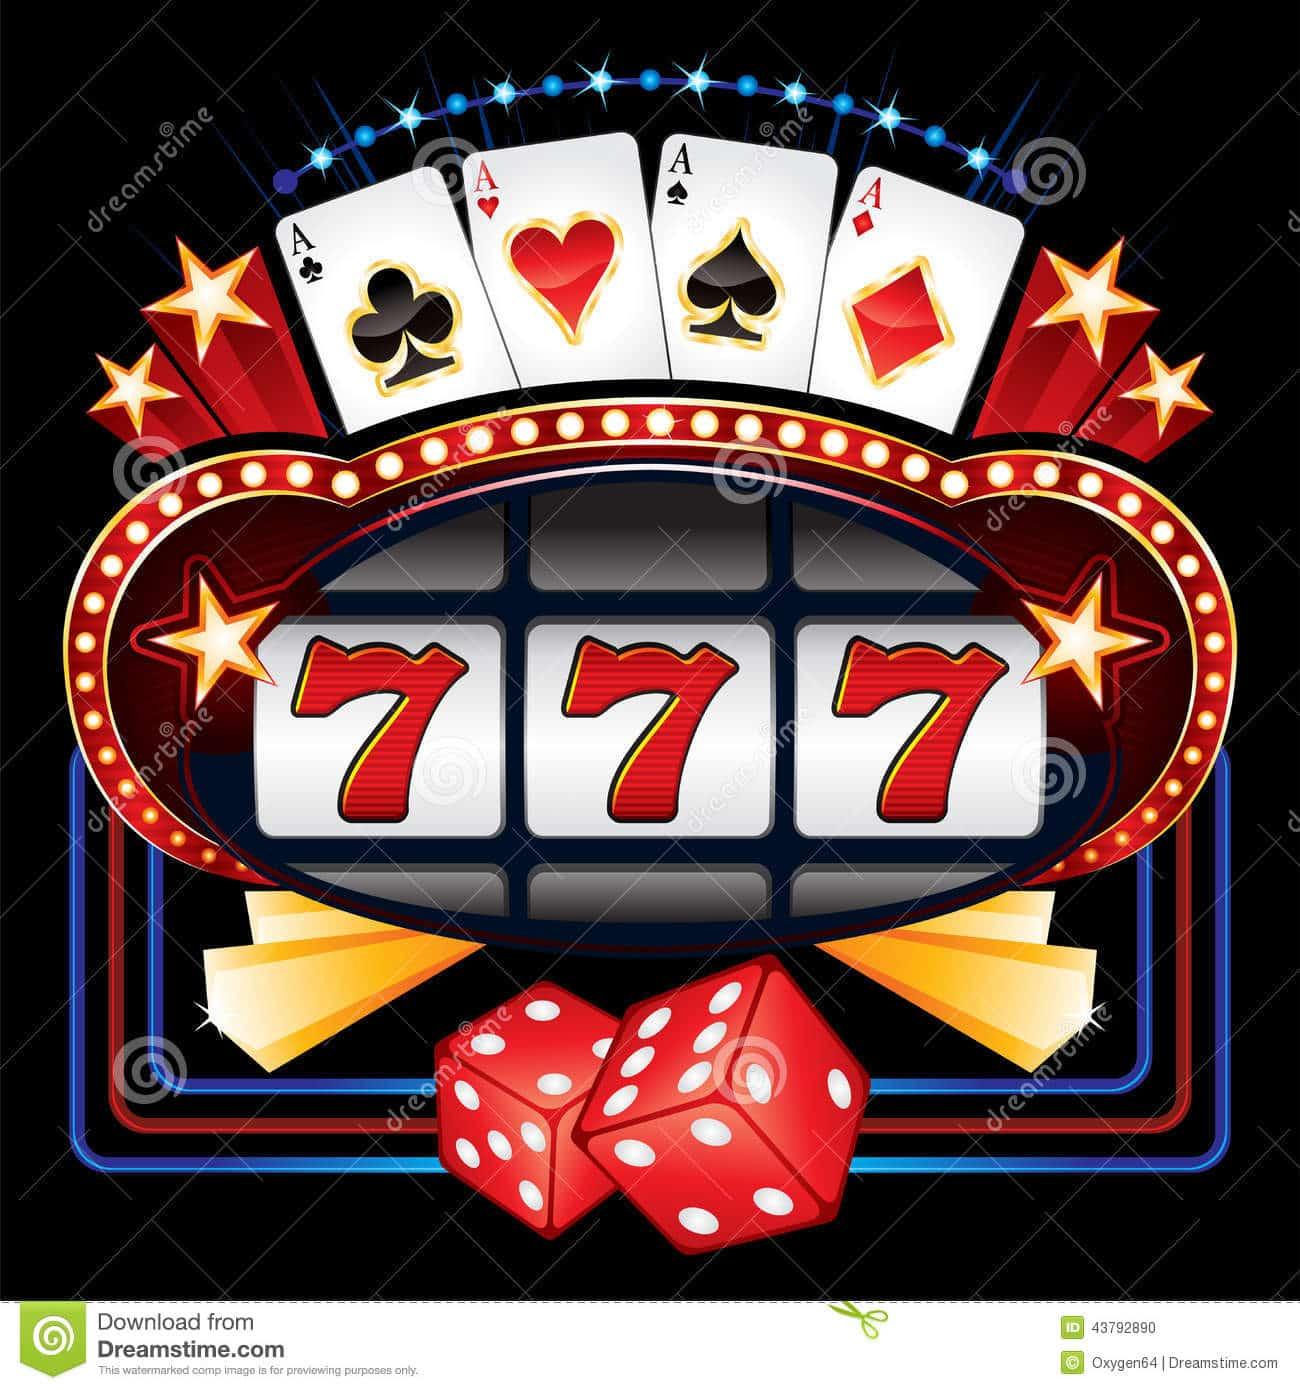 Jeux de poker en ligne gratuit